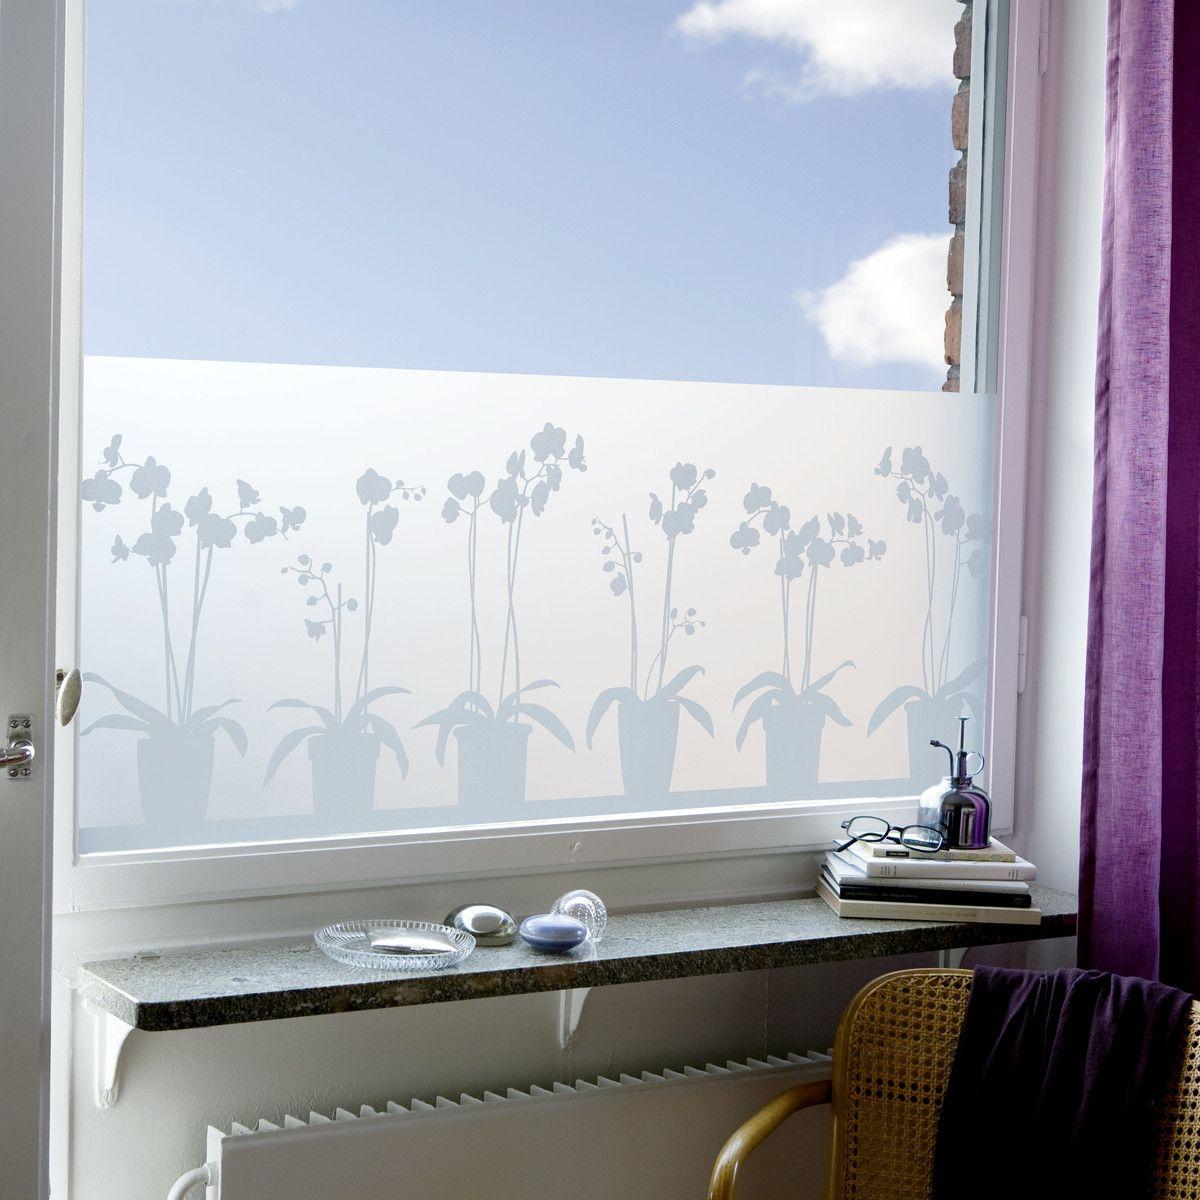 Milchglasfolie Badezimmer | Ladp Orchids In Pots Sichtschutzfolie Klein 34x98cm Dekoration